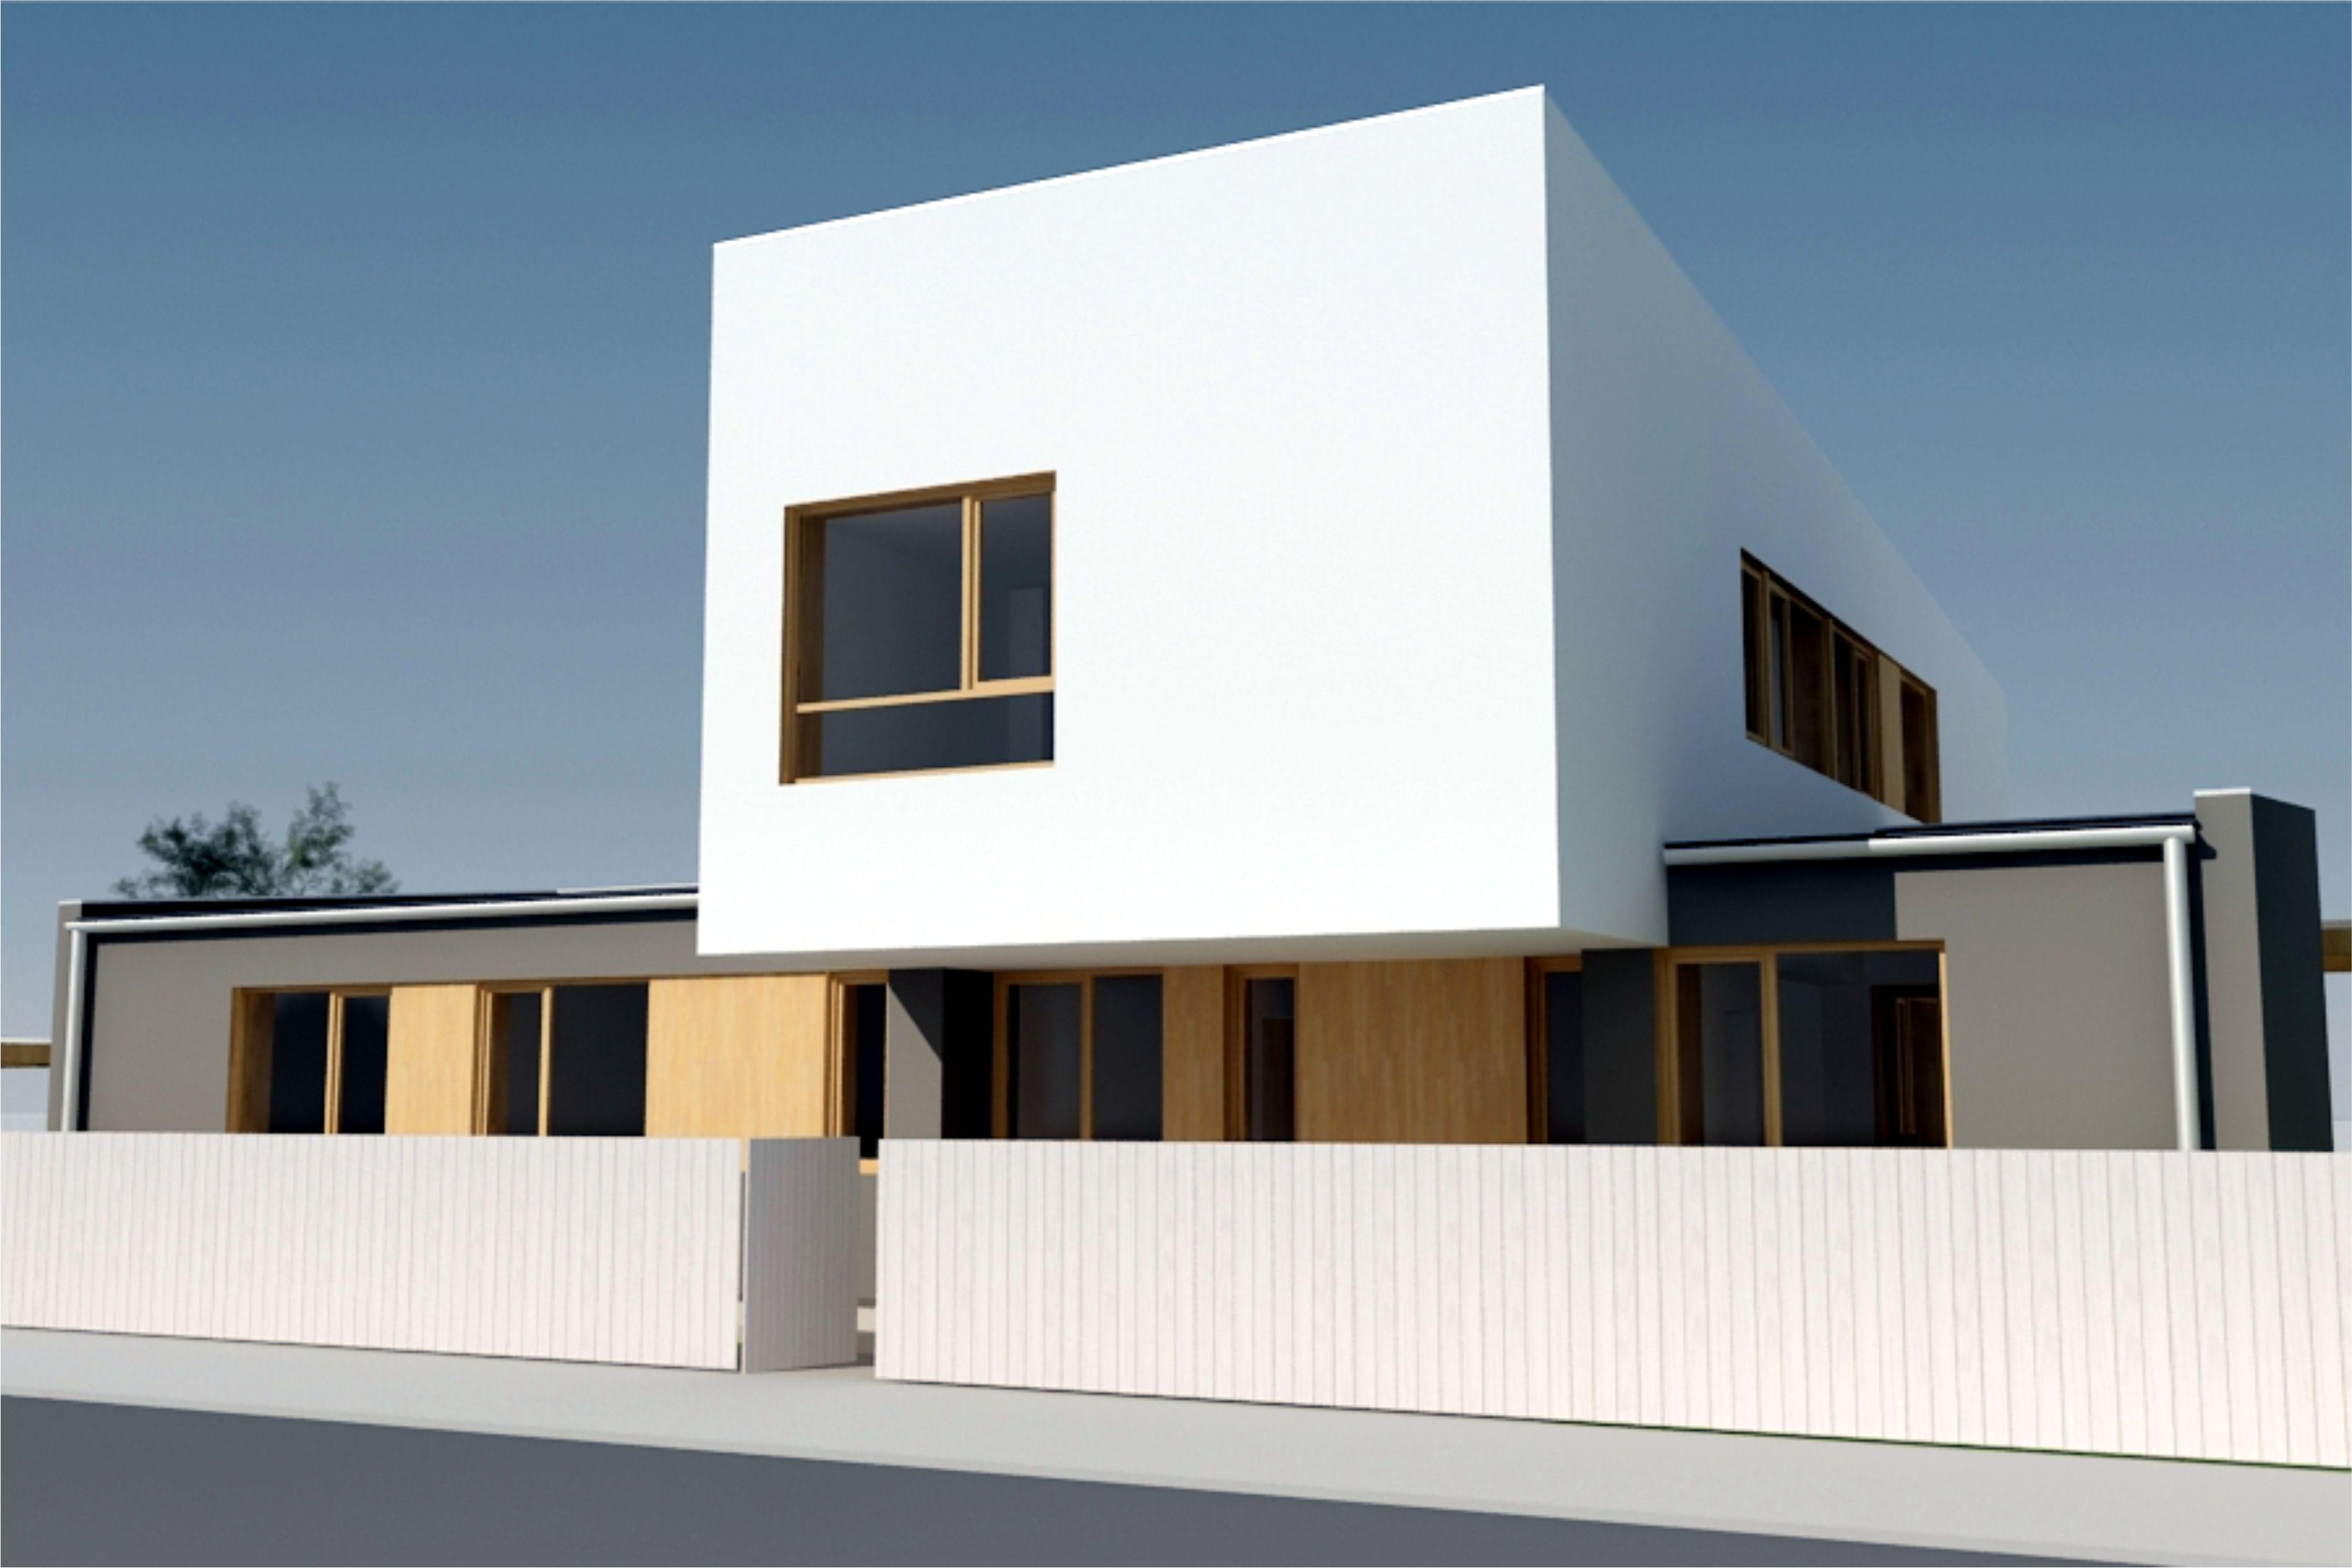 Projekt stavby rodinného domu IV 01